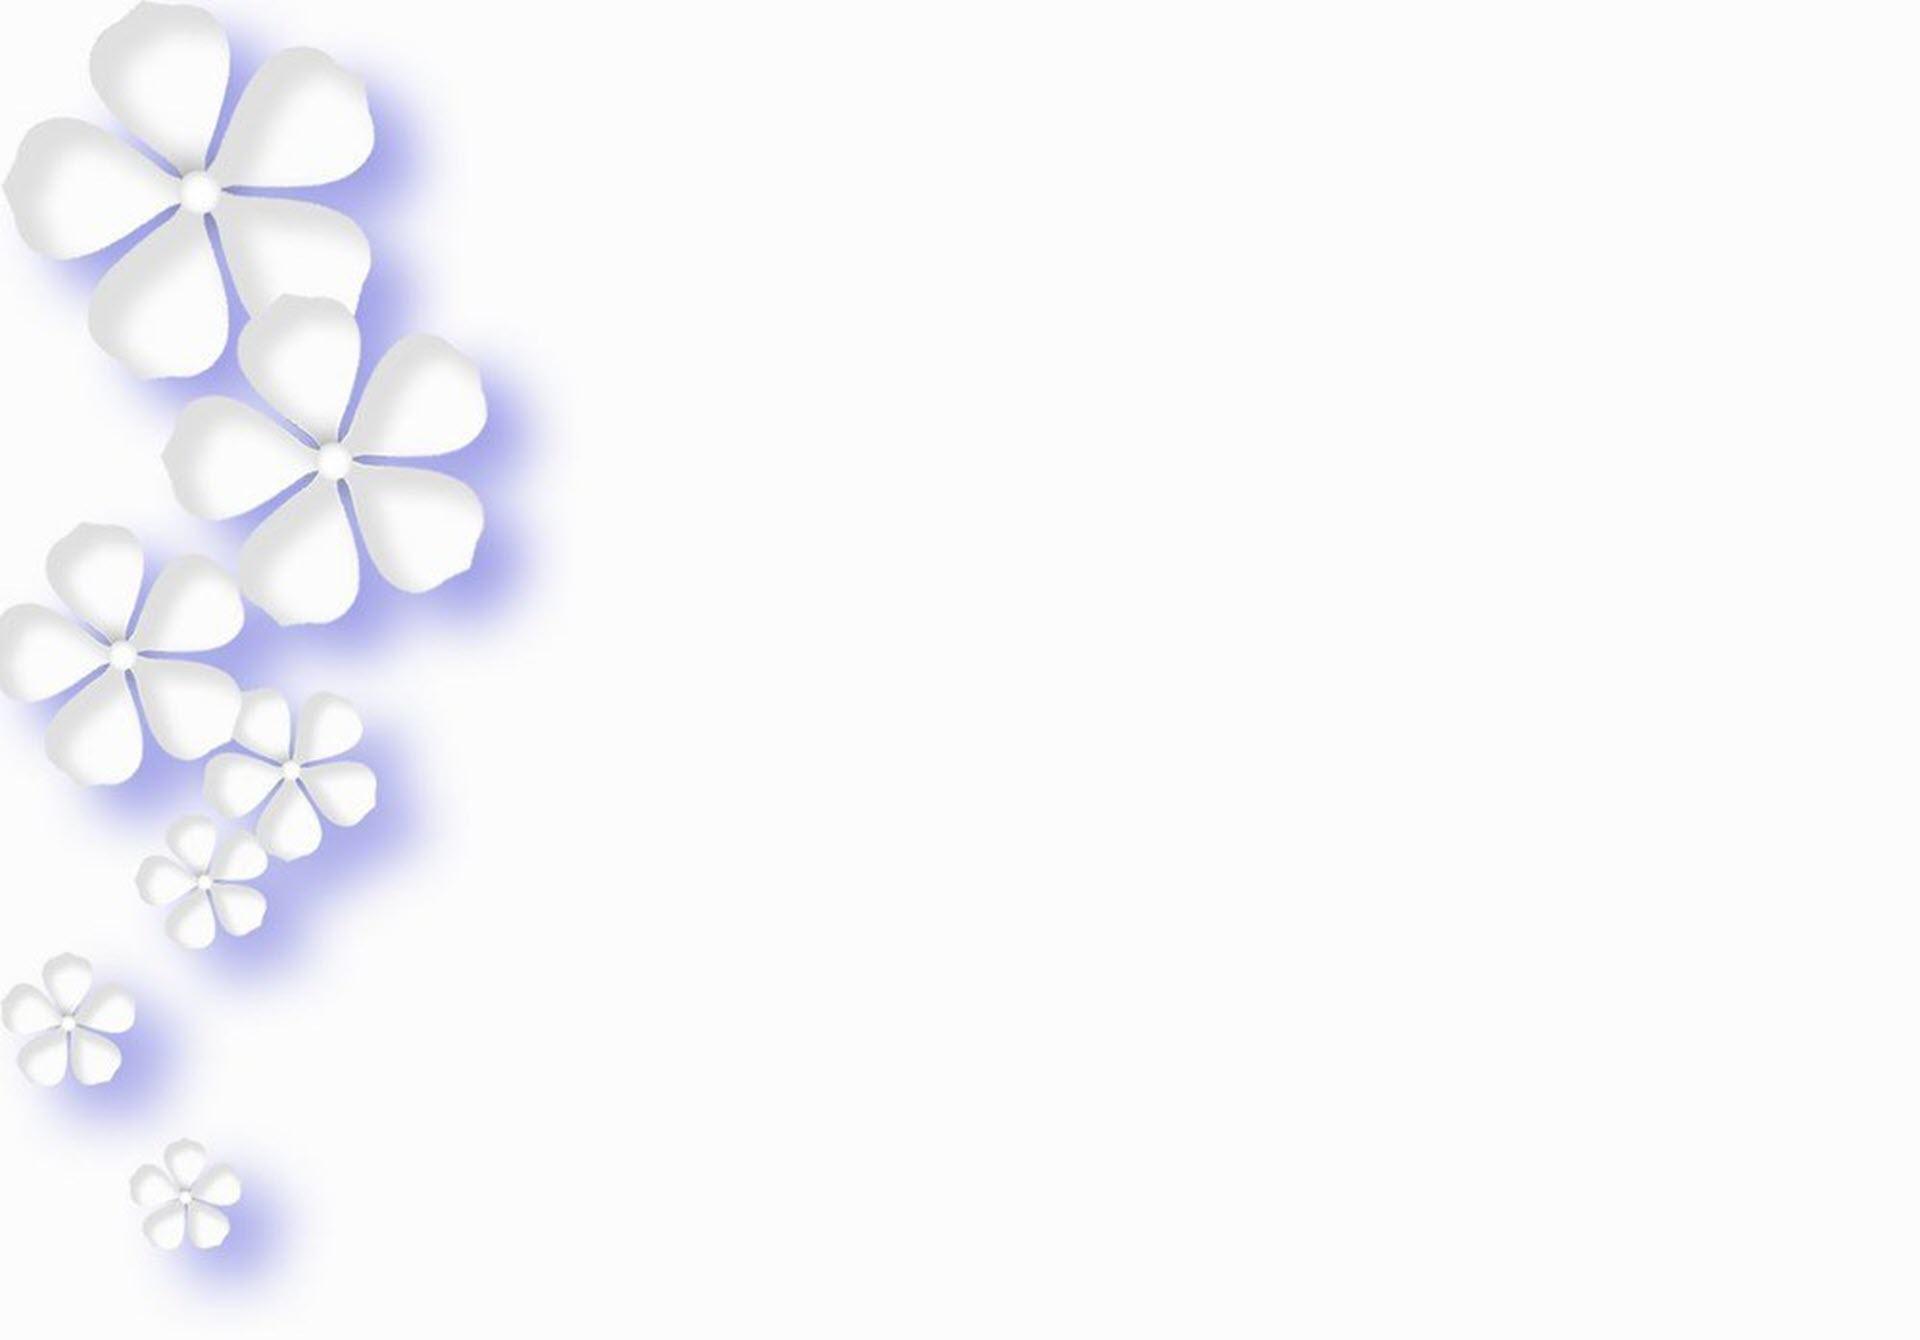 Hình nền trắng cực đẹp cho pc